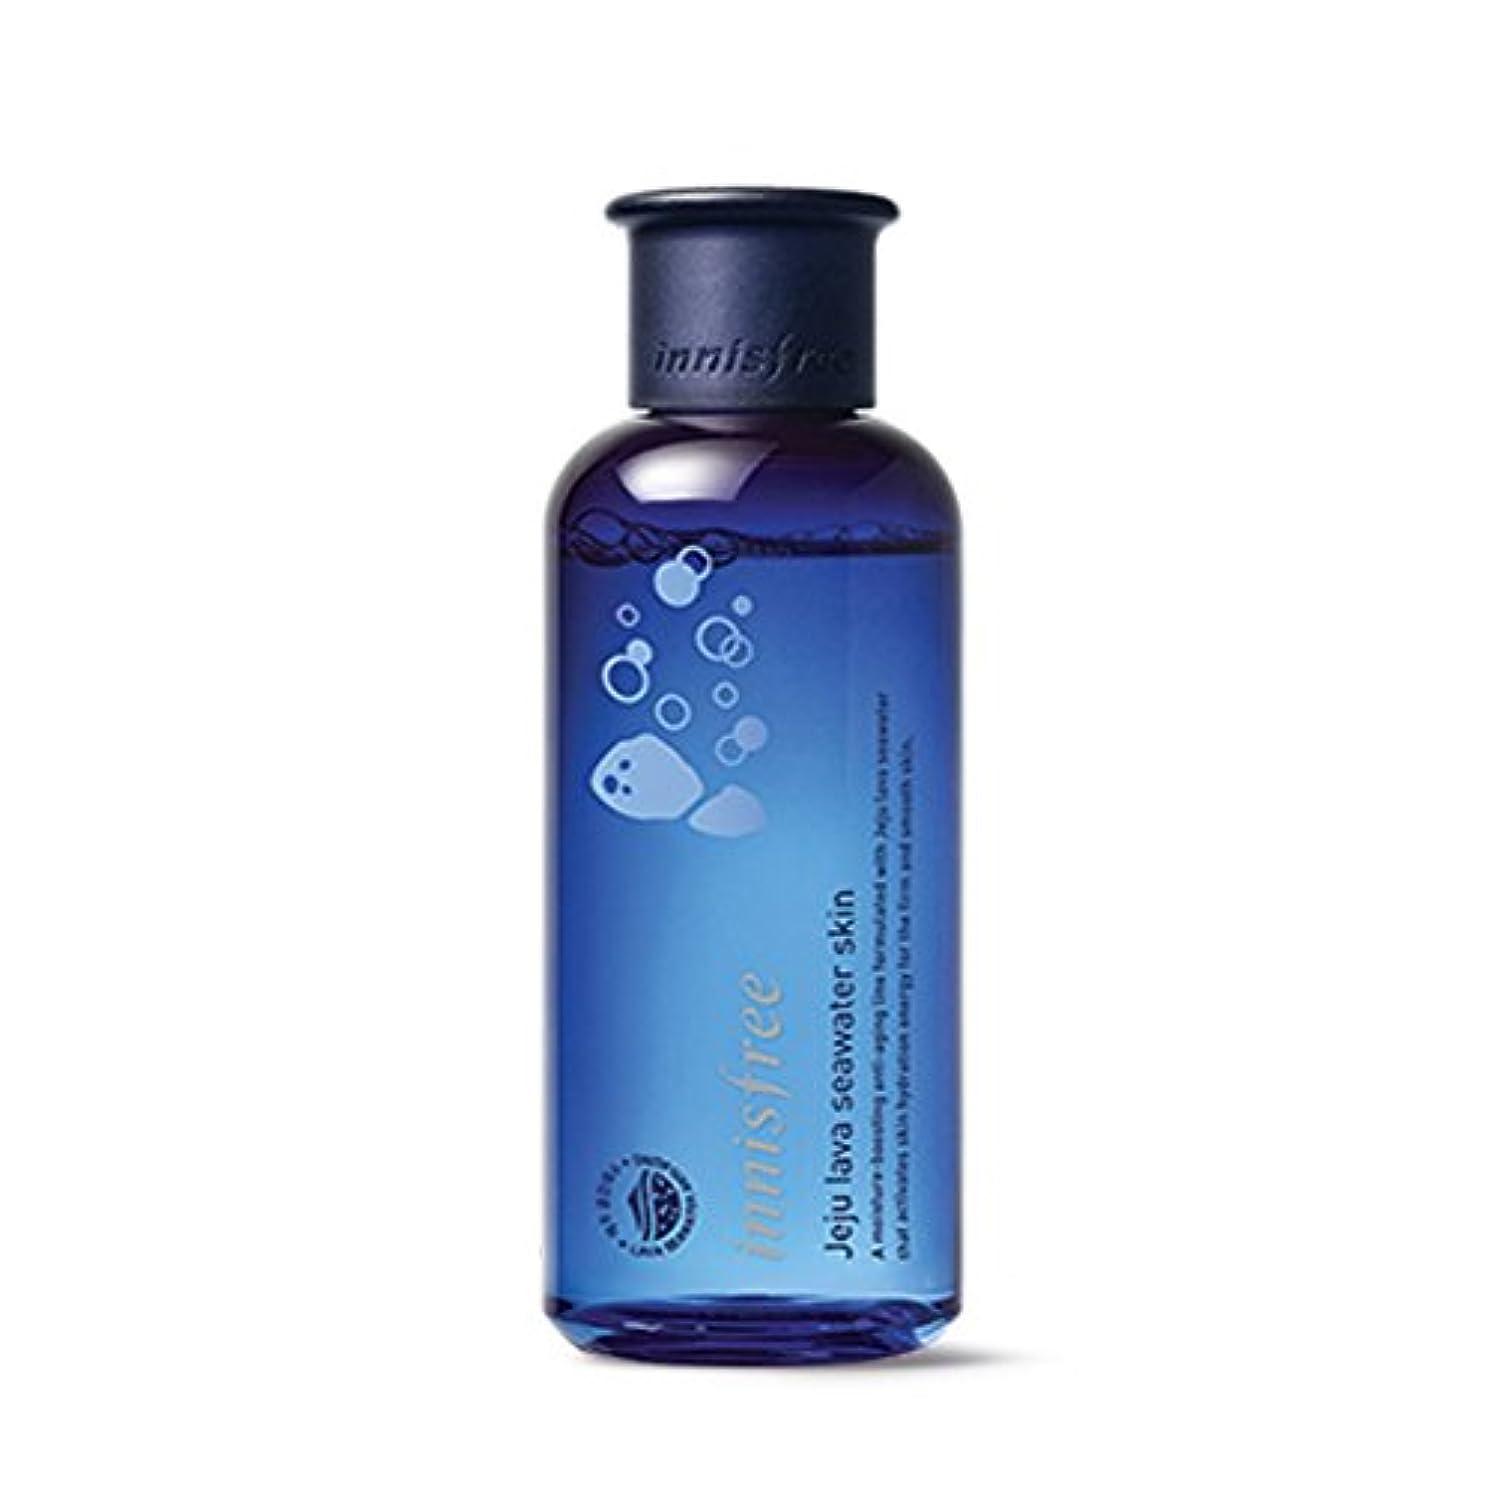 番目時期尚早差別的イニスフリージェジュラブシーウォータースキン(トナー)200ml Innisfree Jeju Lava Seawater Skin(Toner) 200ml [外直送品][並行輸入品]